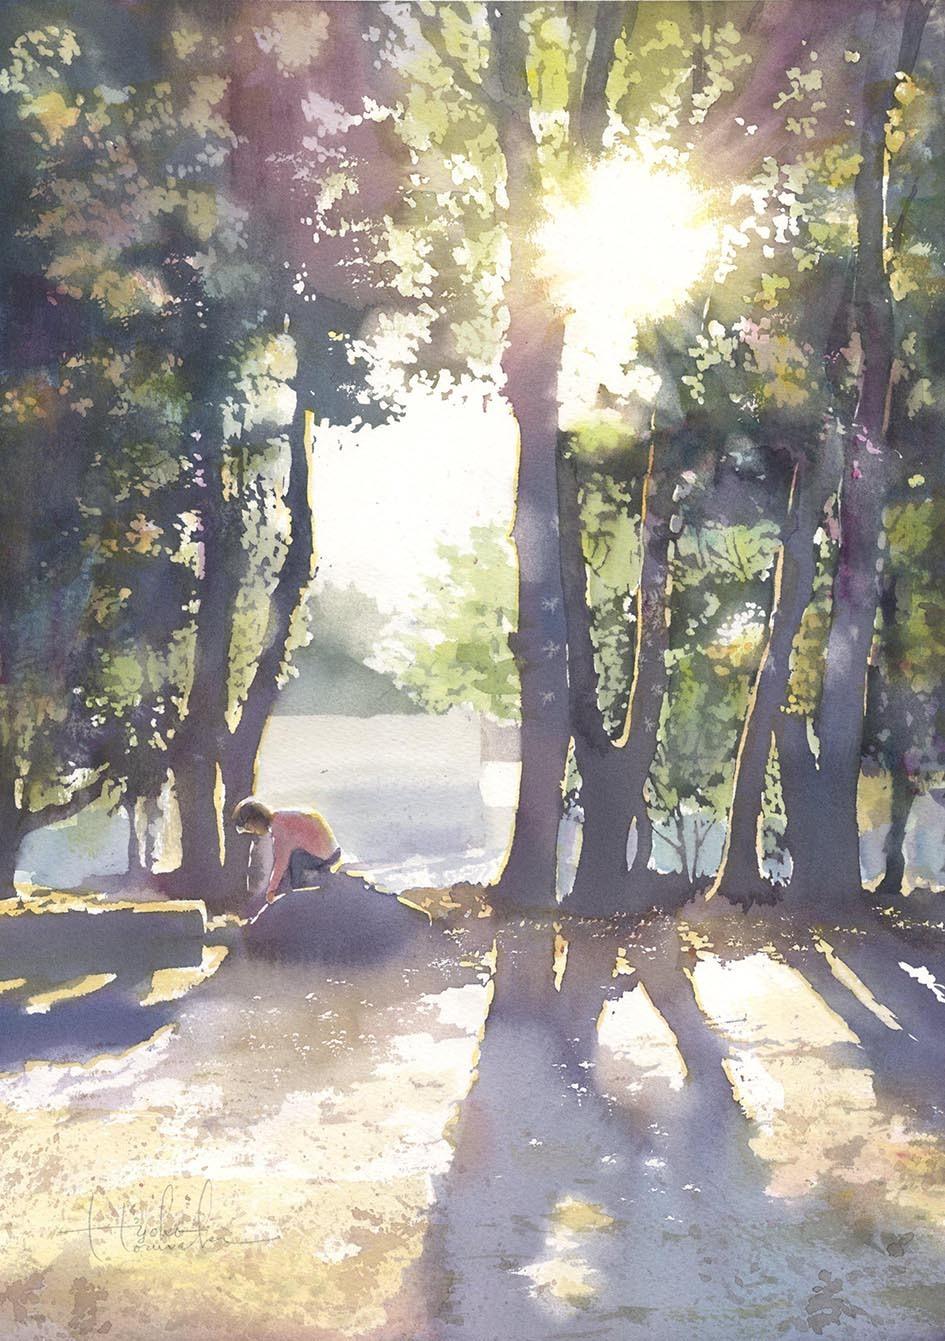 3/17春崎陽子講座 【横浜】新羽企画講座のご案内_f0176370_15394623.jpg